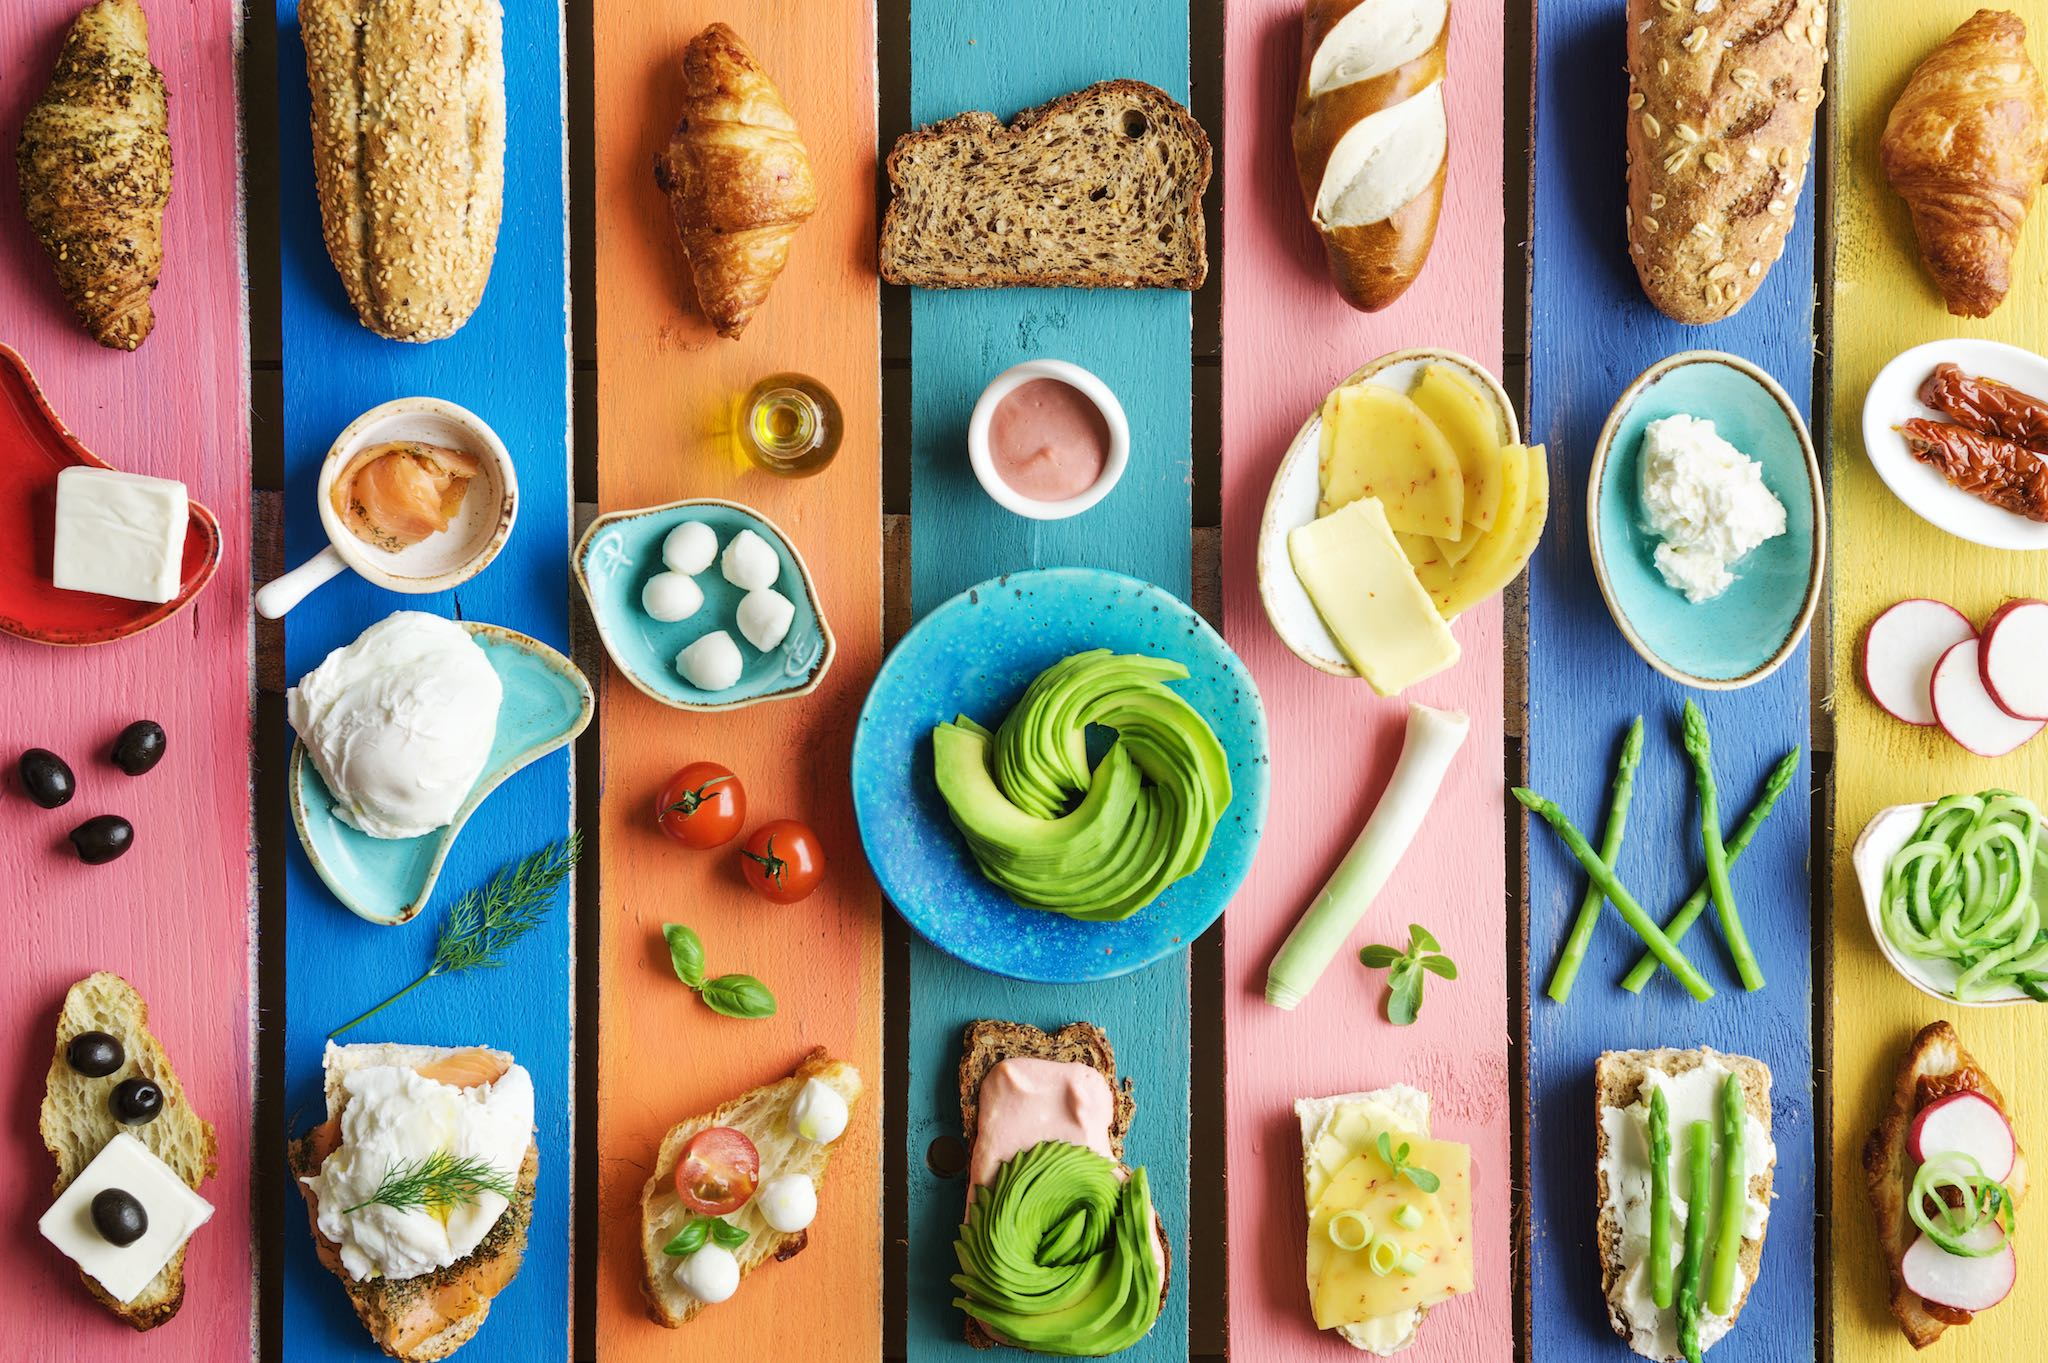 2017_03_20 Sandwiches 0031.jpg